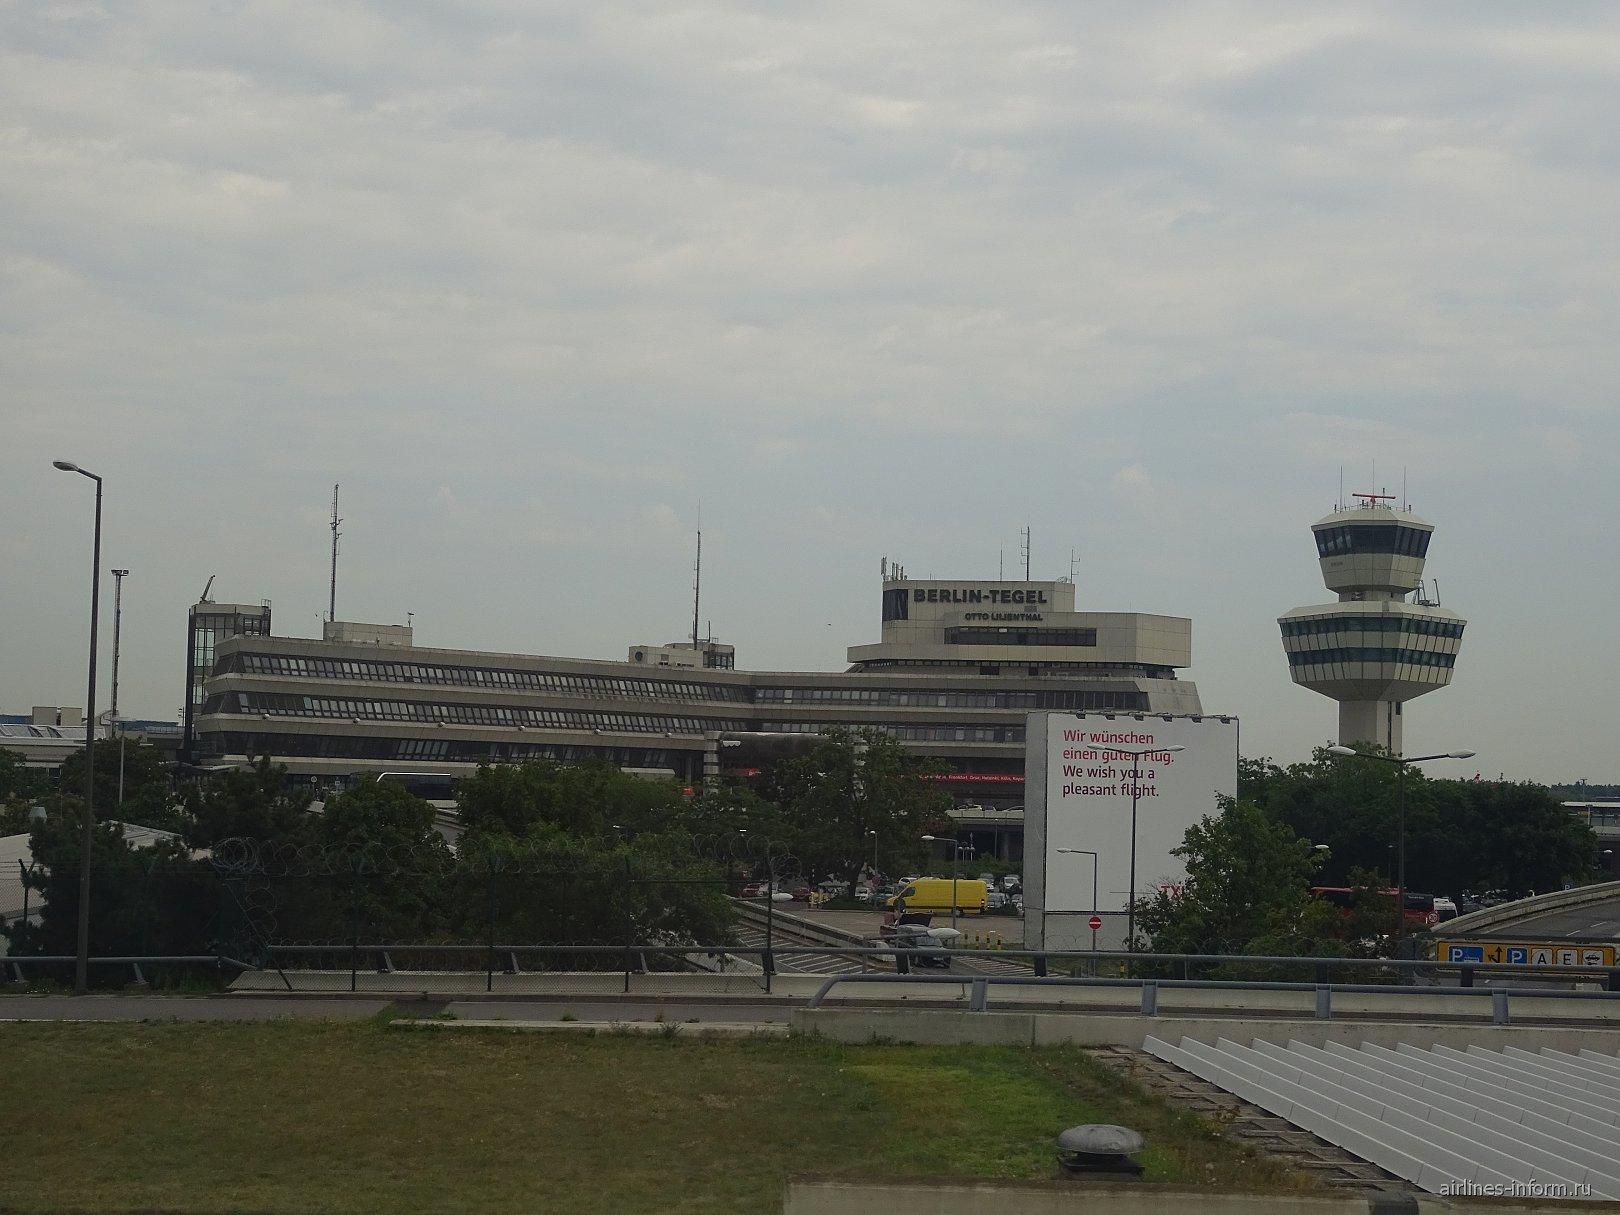 Основной пассажирский терминал аэропорта Берлин Тегель